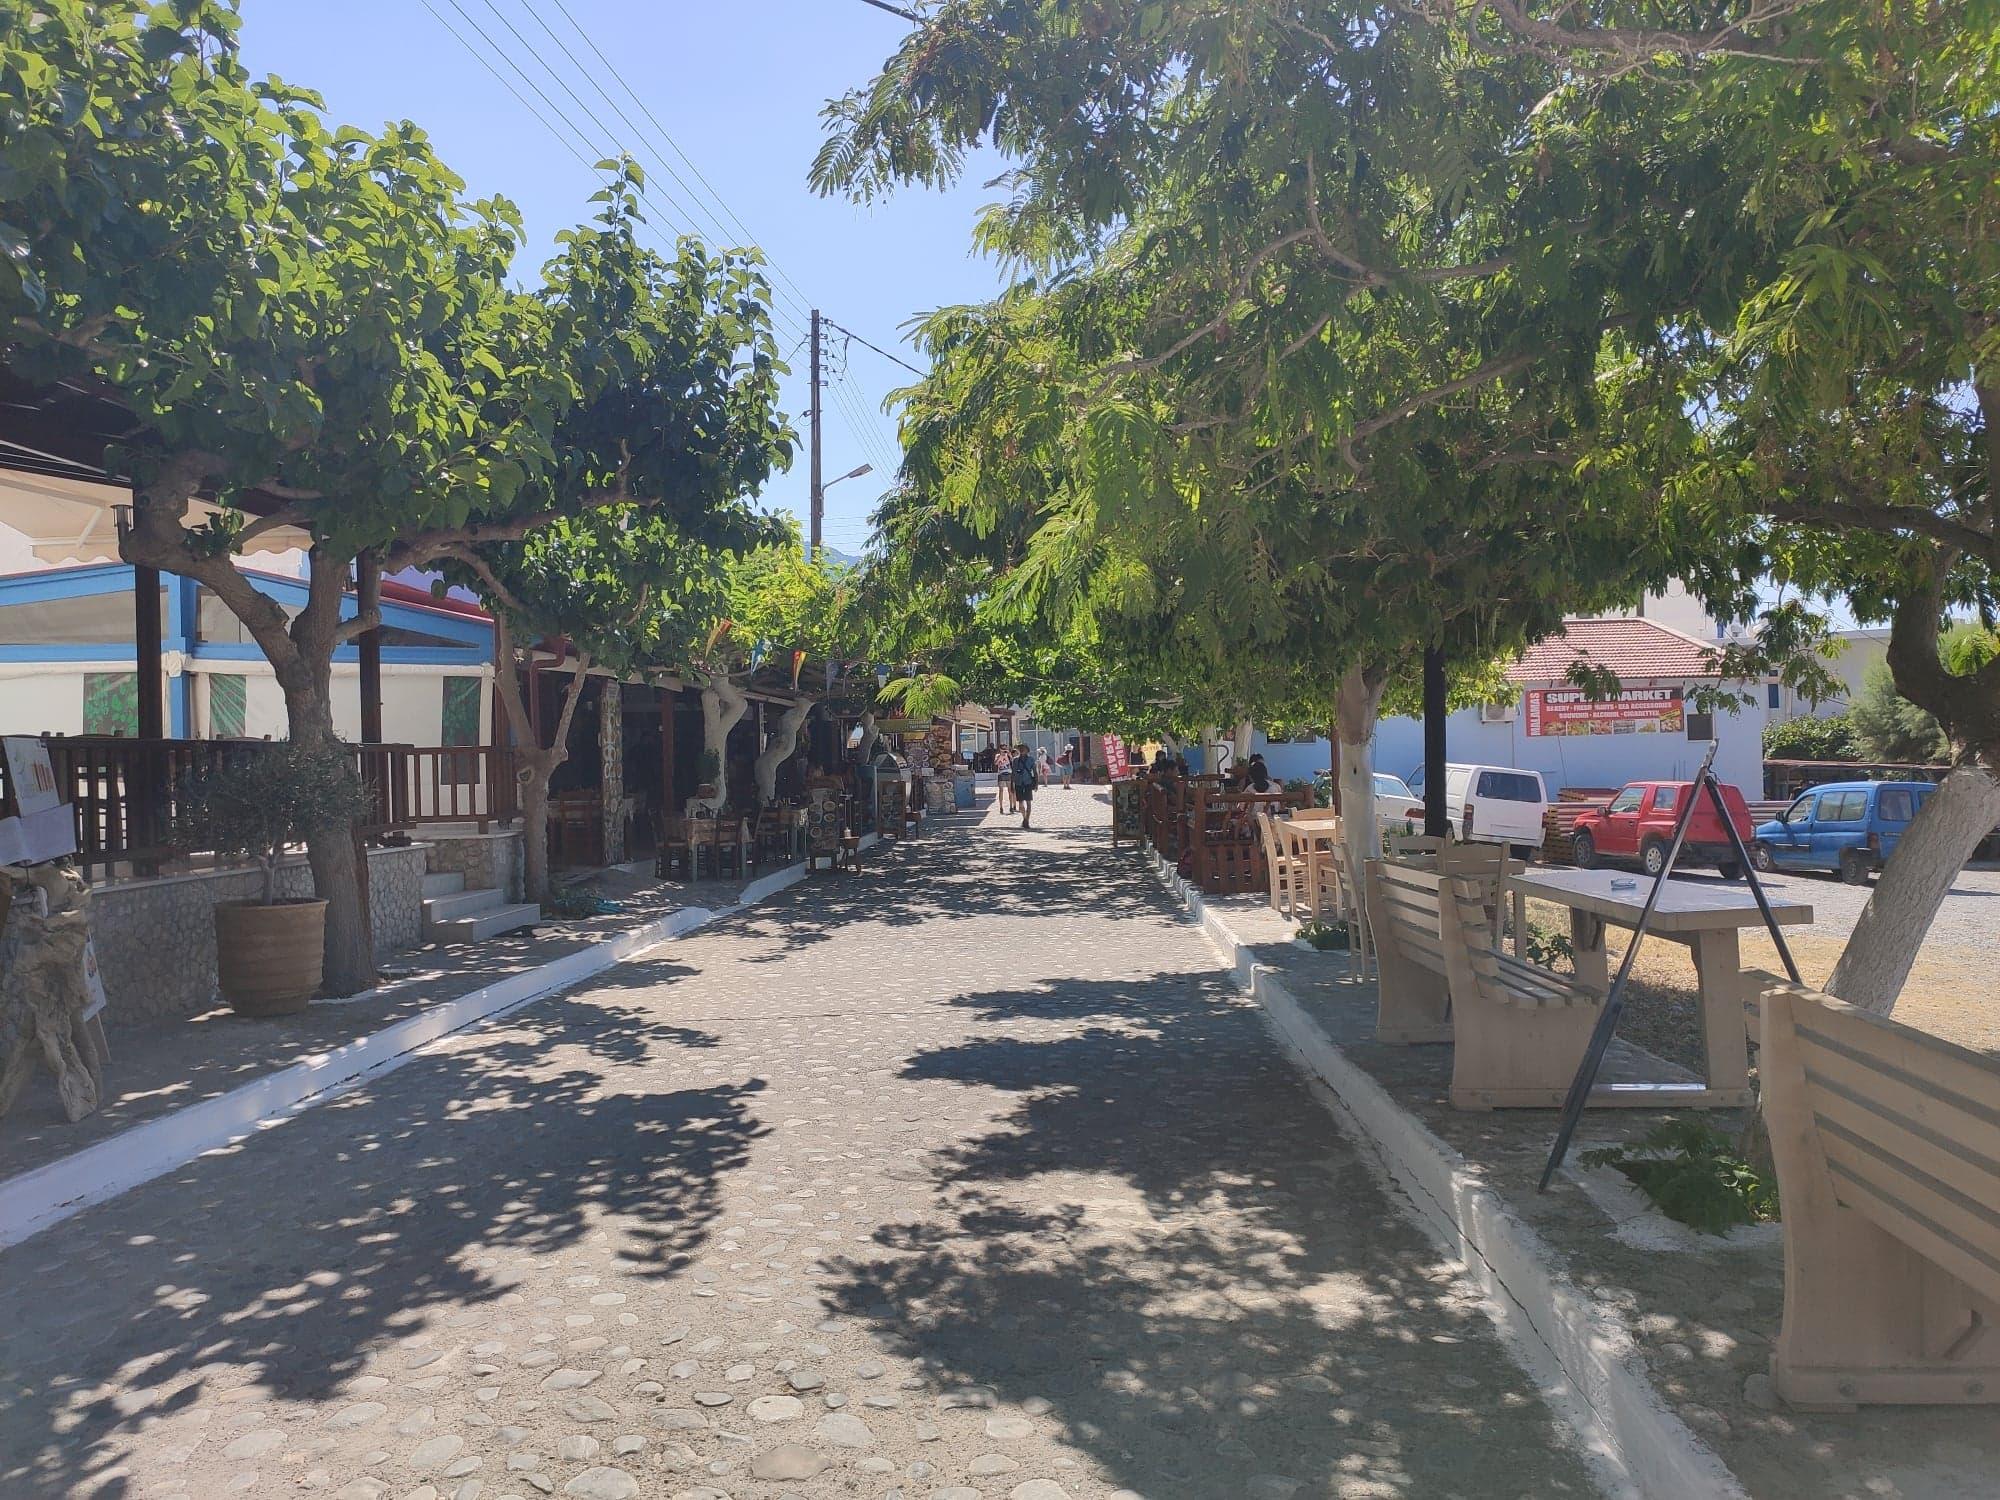 Agia roumeli pedestrian street